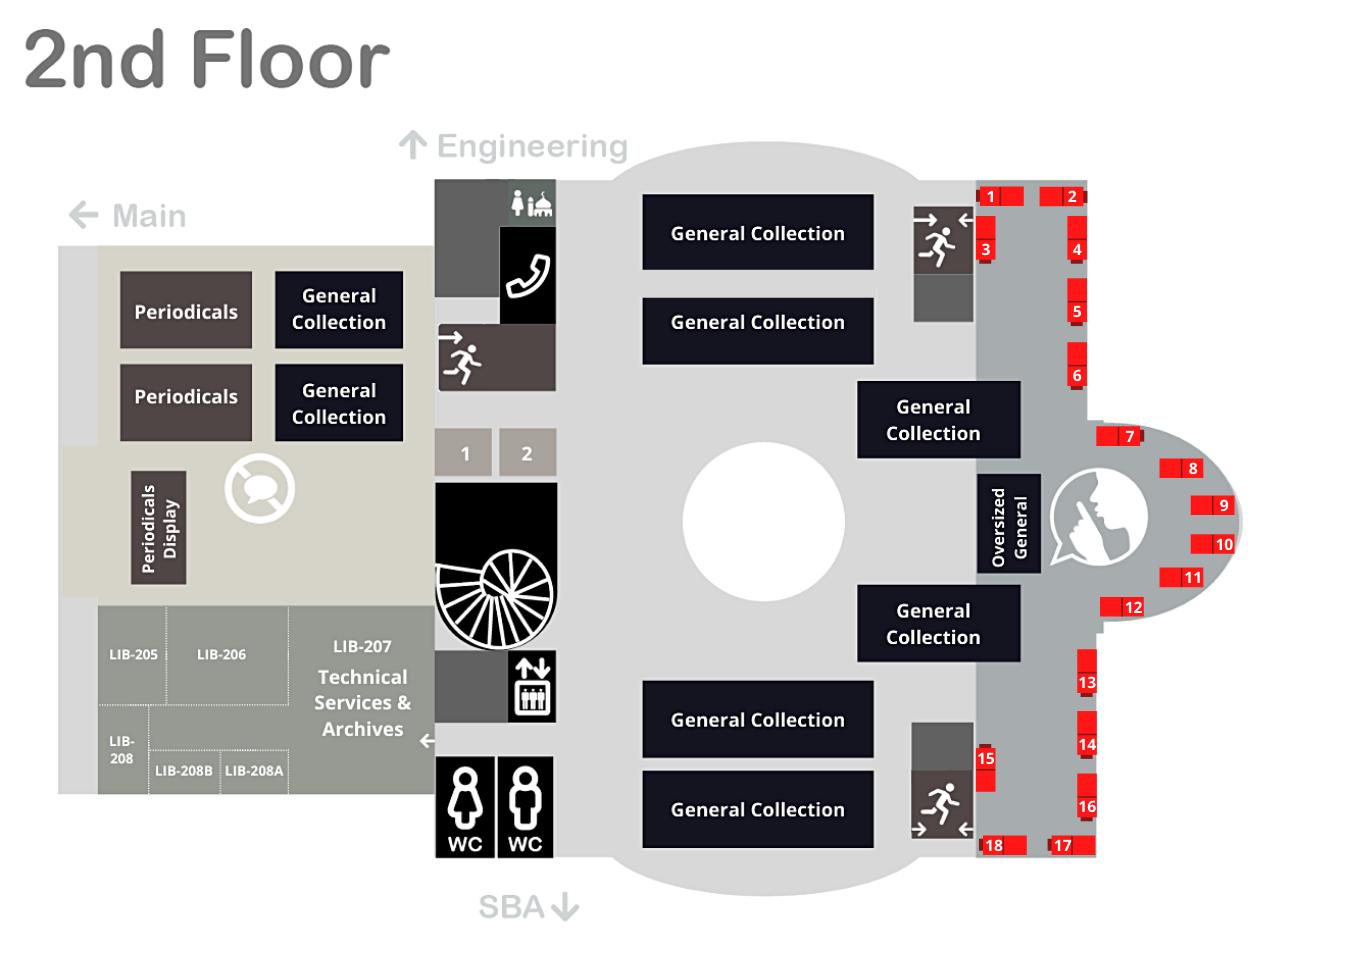 Single Carrel Desk quiet zone 2nd Floor